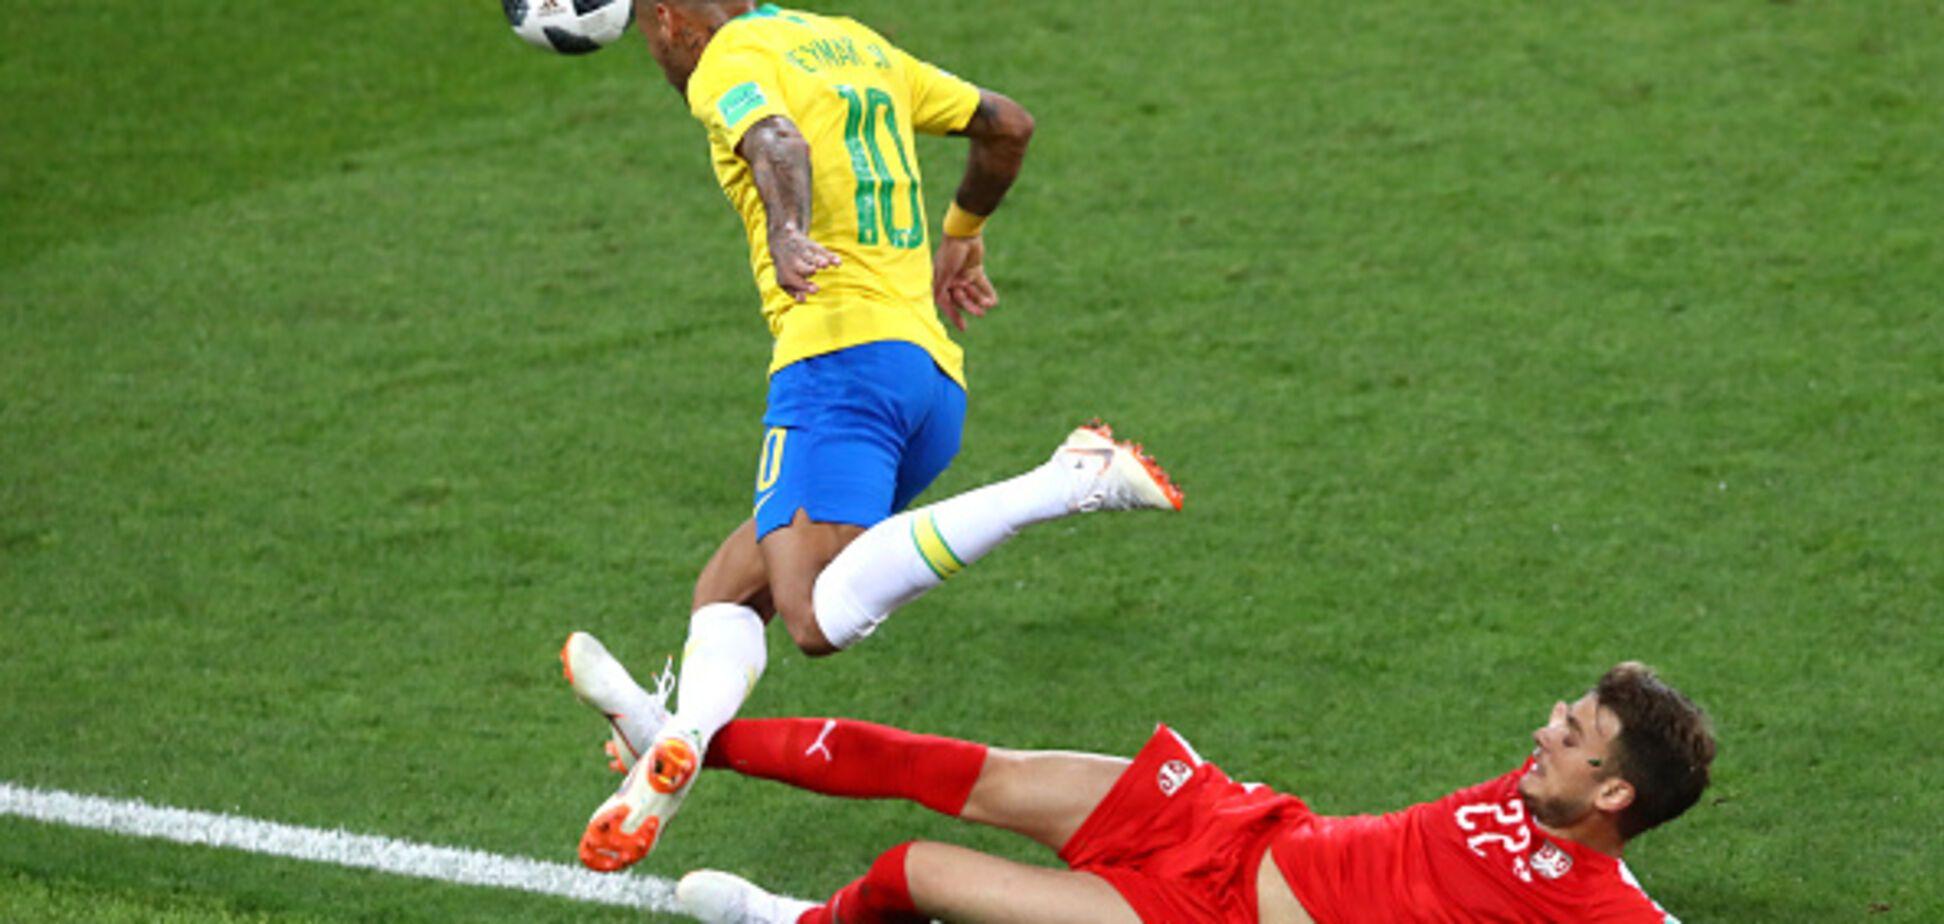 Бразилия красиво вышла в плей-офф ЧМ-2018